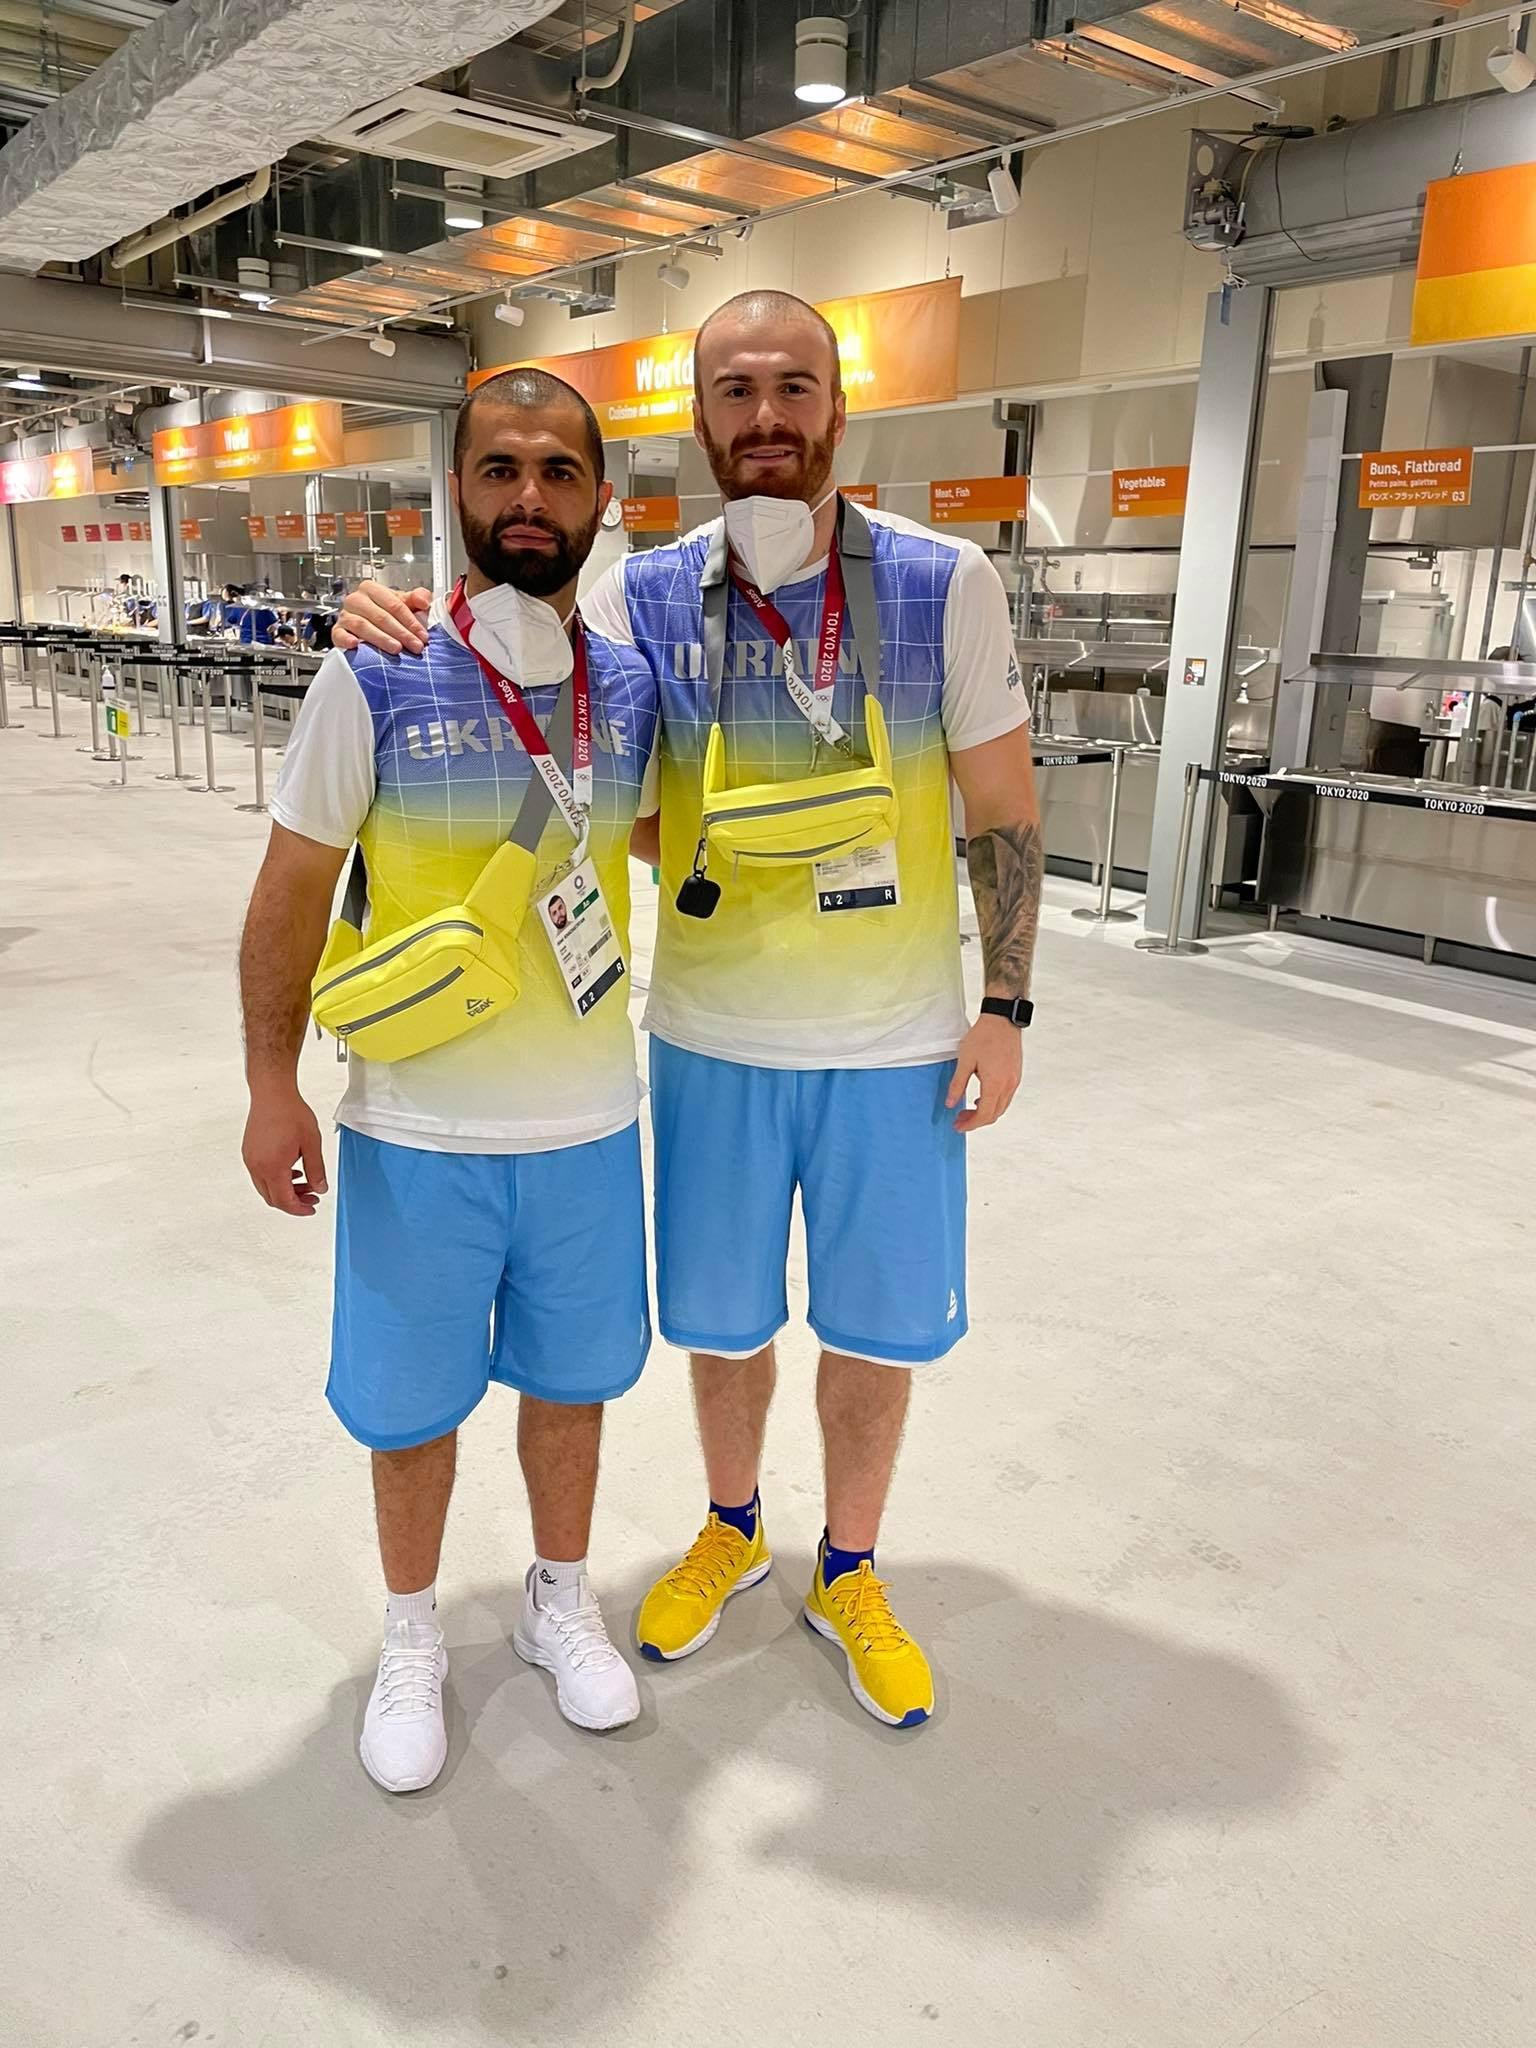 Олимпиада в Токио 2020: Первые кадры украинских атлетов в Японии: едят за стеклом и перемещаются в масках и перчатках. Шансы Украины 1